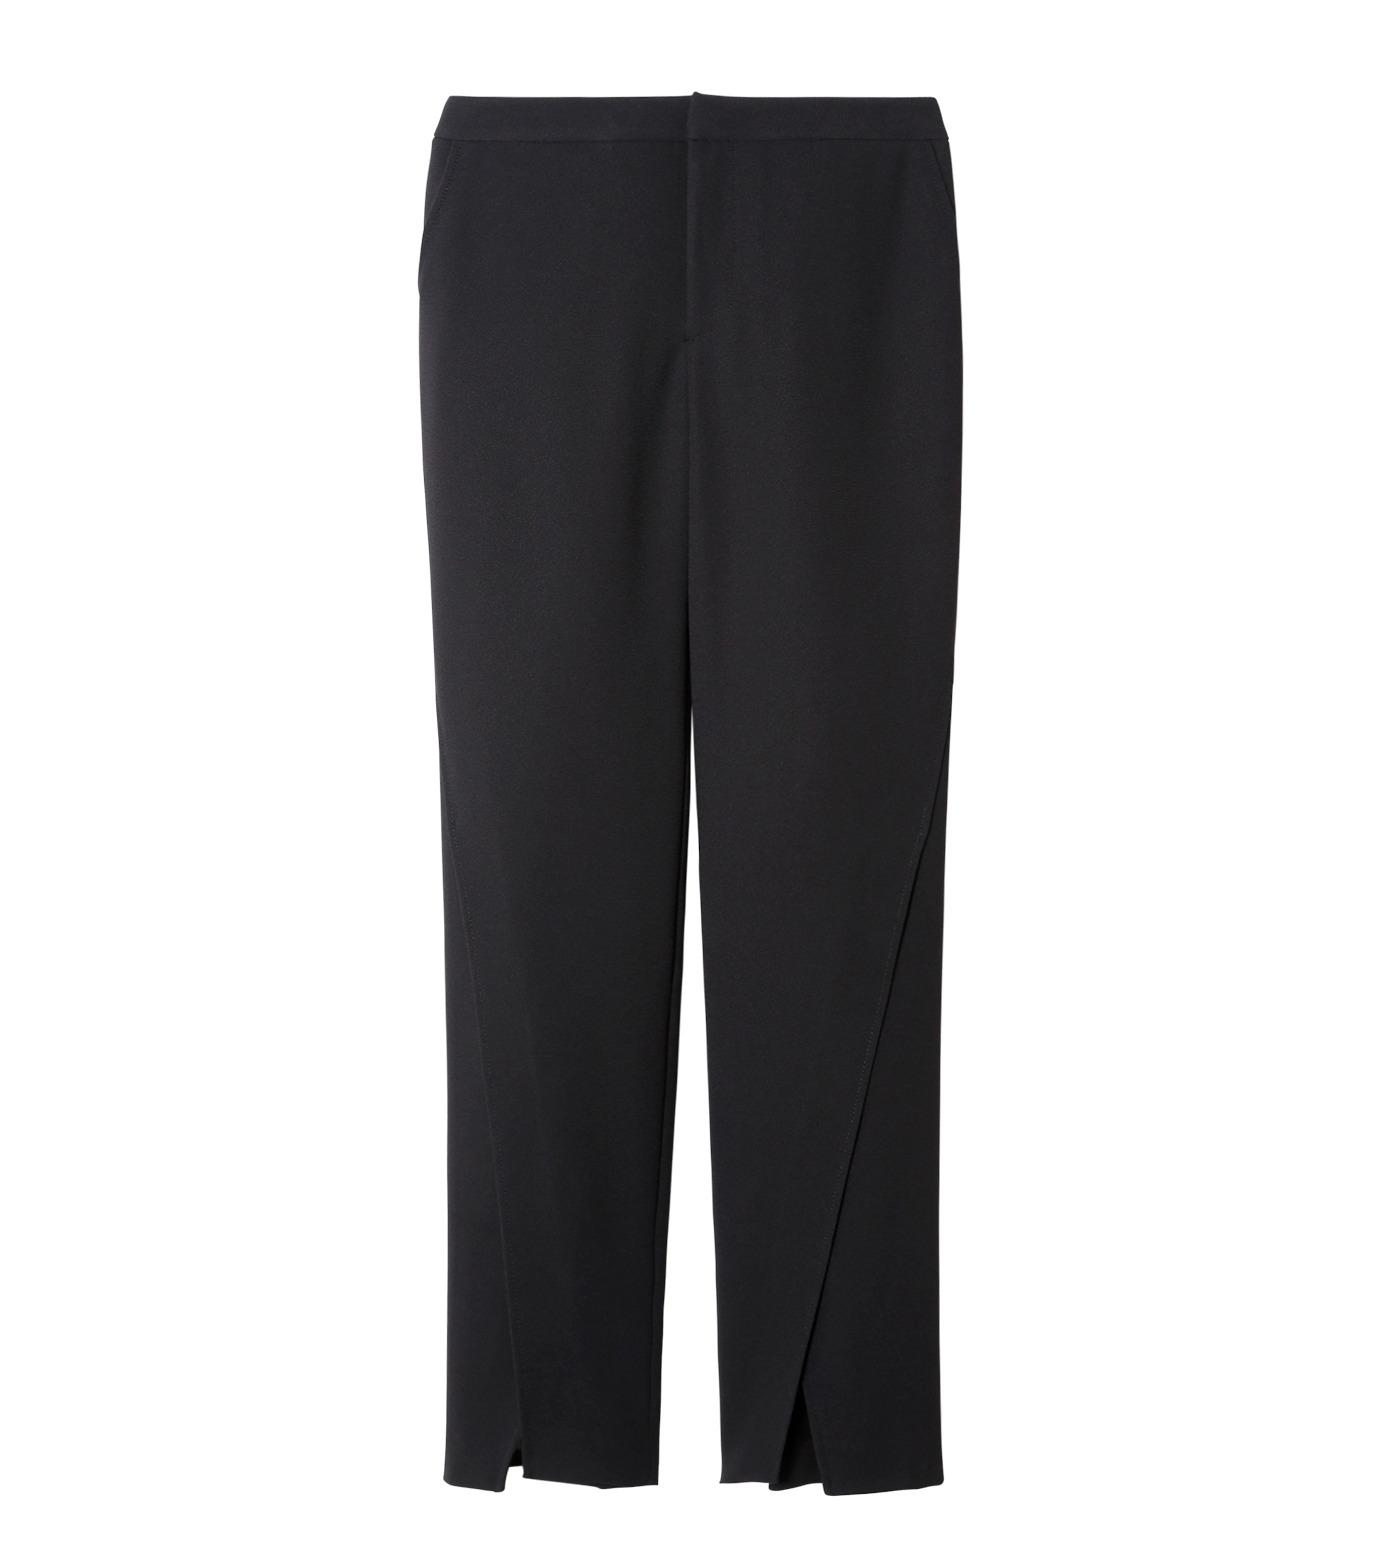 LE CIEL BLEU(ルシェルブルー)のフロントスリットパンツ-BLACK(パンツ/pants)-19S68104 拡大詳細画像1